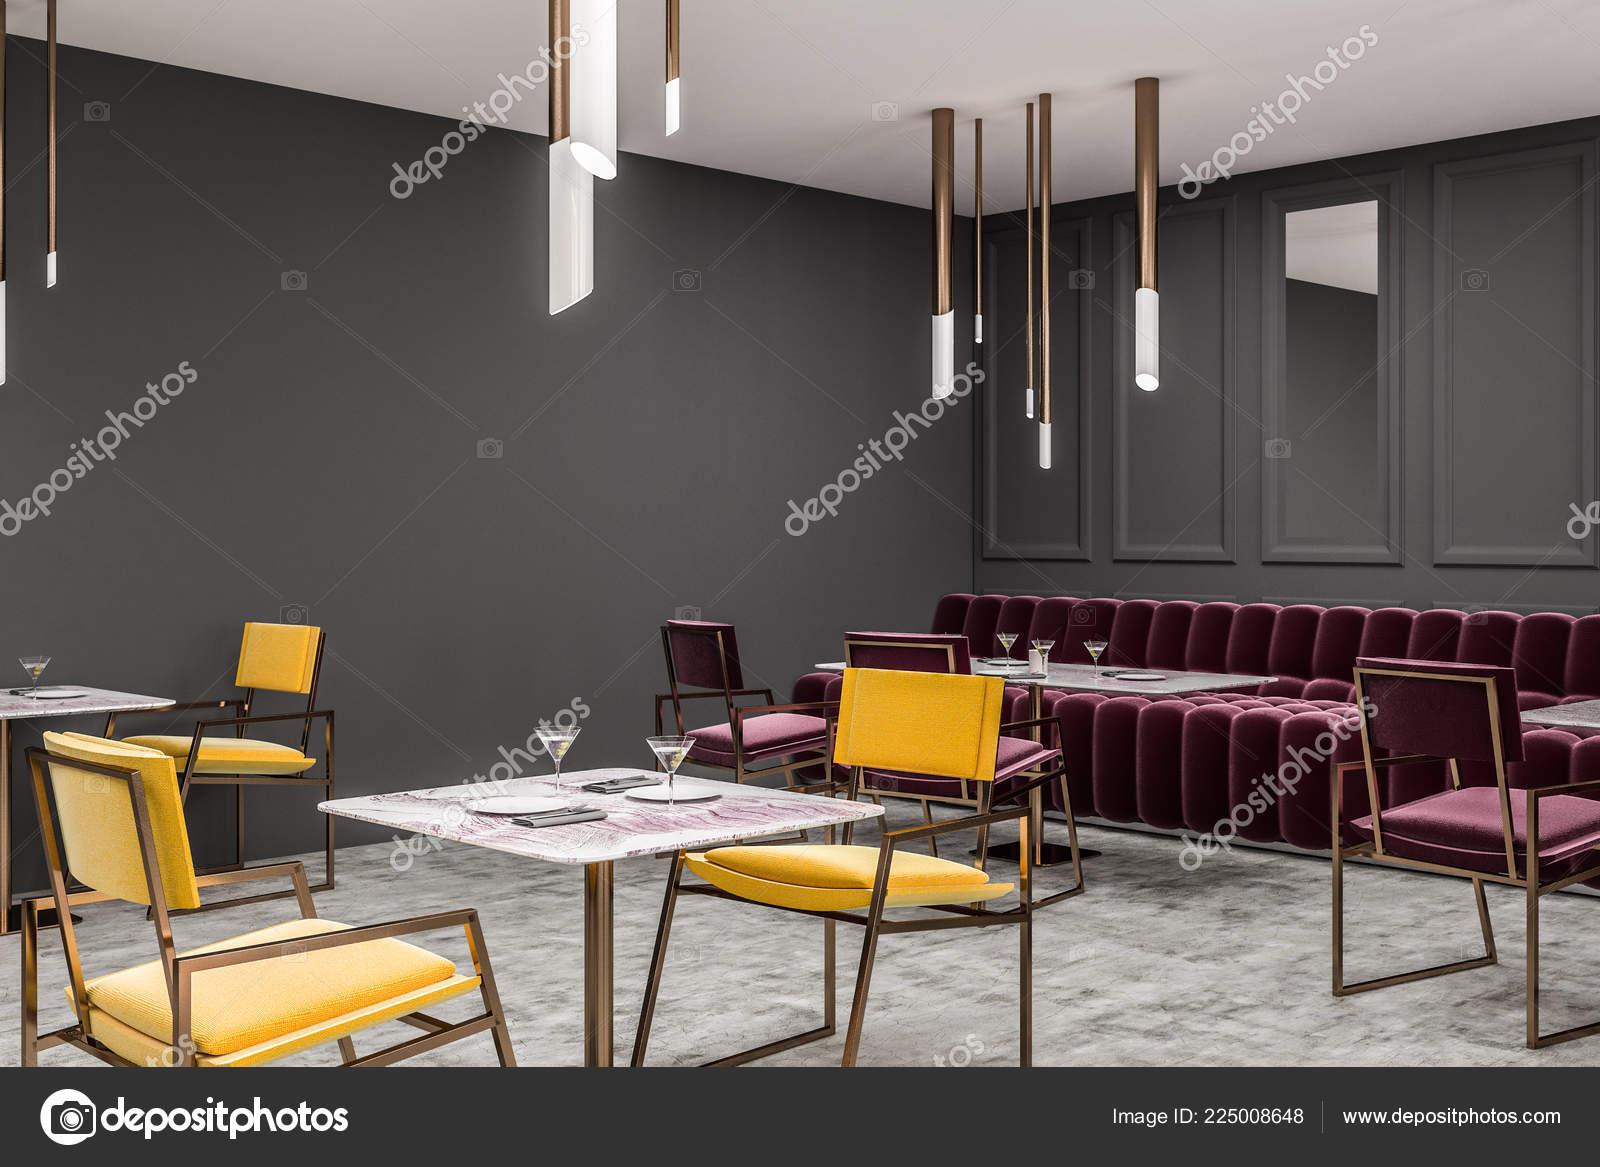 376dd73ae908 Esquina Restaurante Moderno Con Paredes Gris Piso Concreto Sofá Rojo —  Fotos de Stock